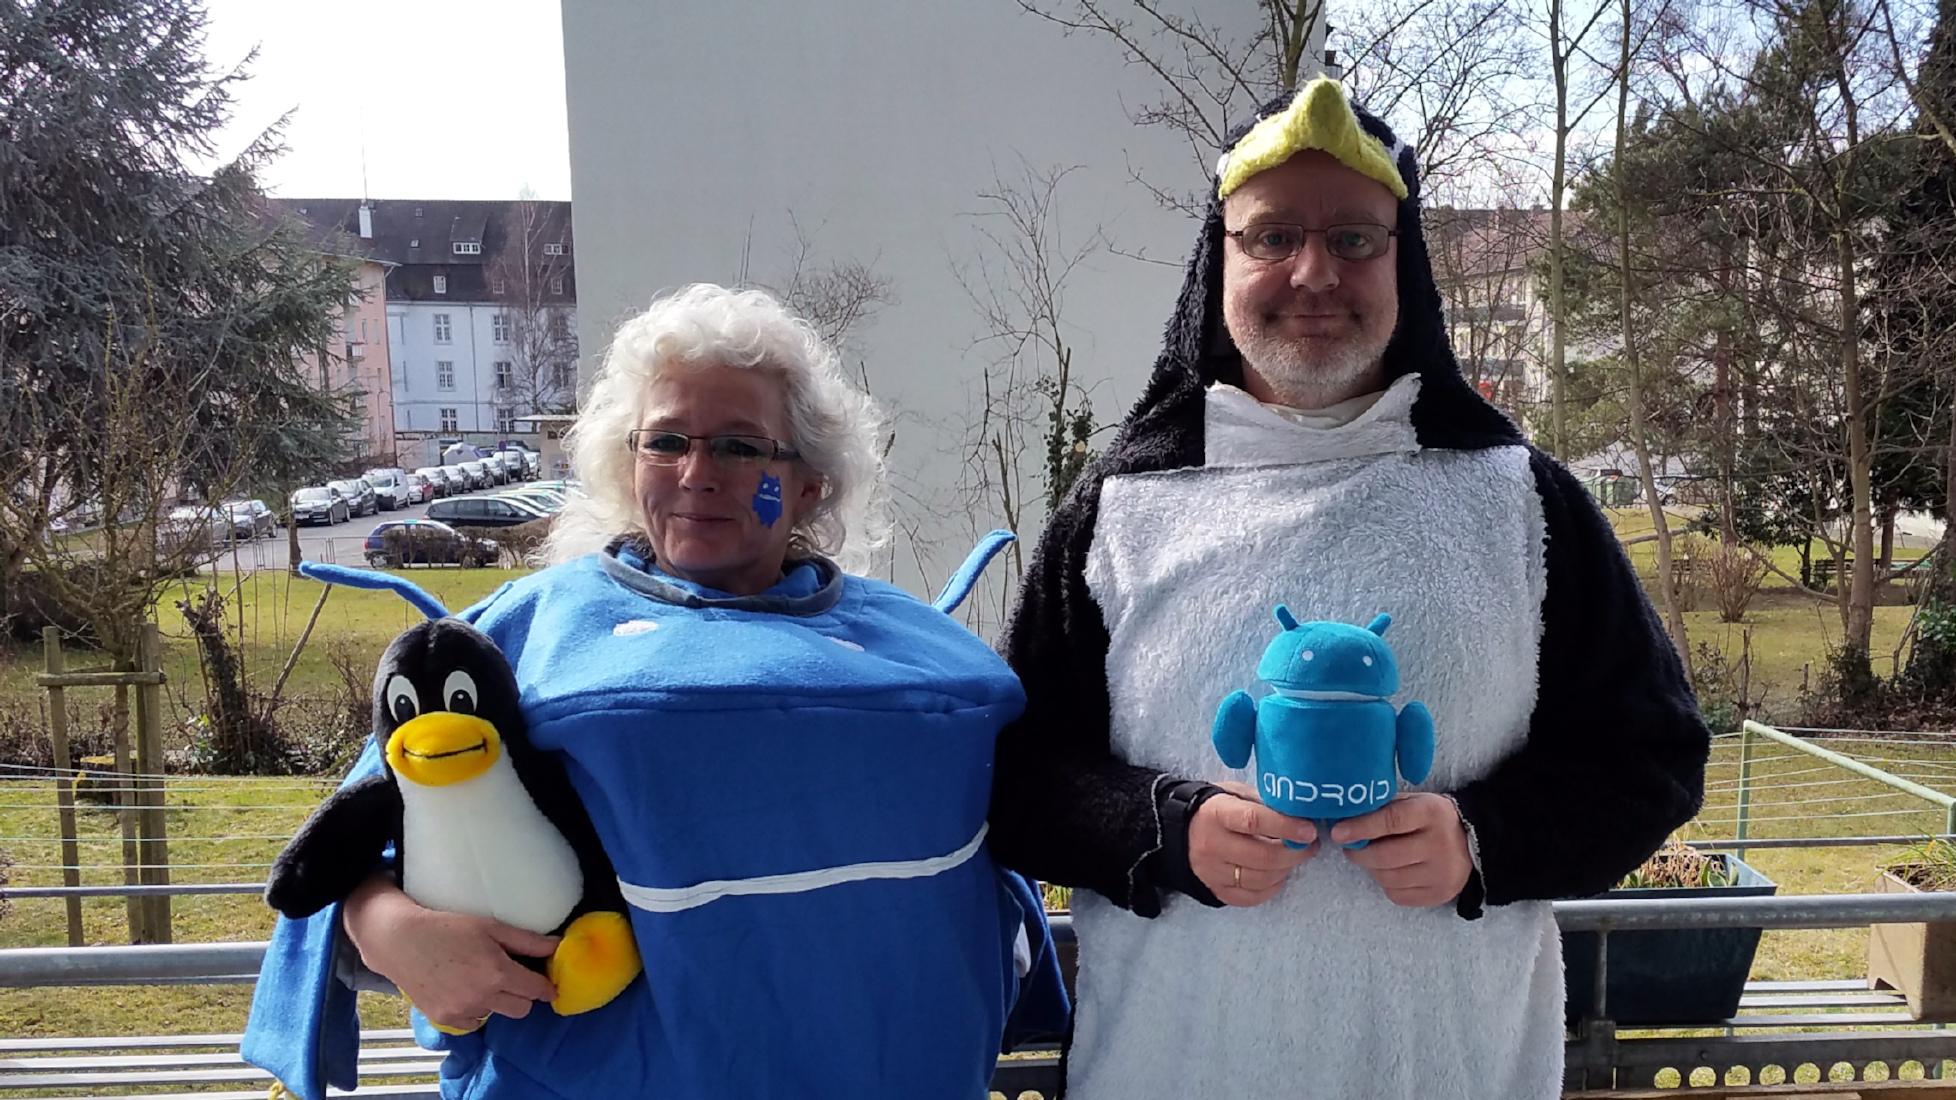 tux und android mit kleinen tux und auf dem Weg zur Straßenfastnacht in Konstanz - miradlo